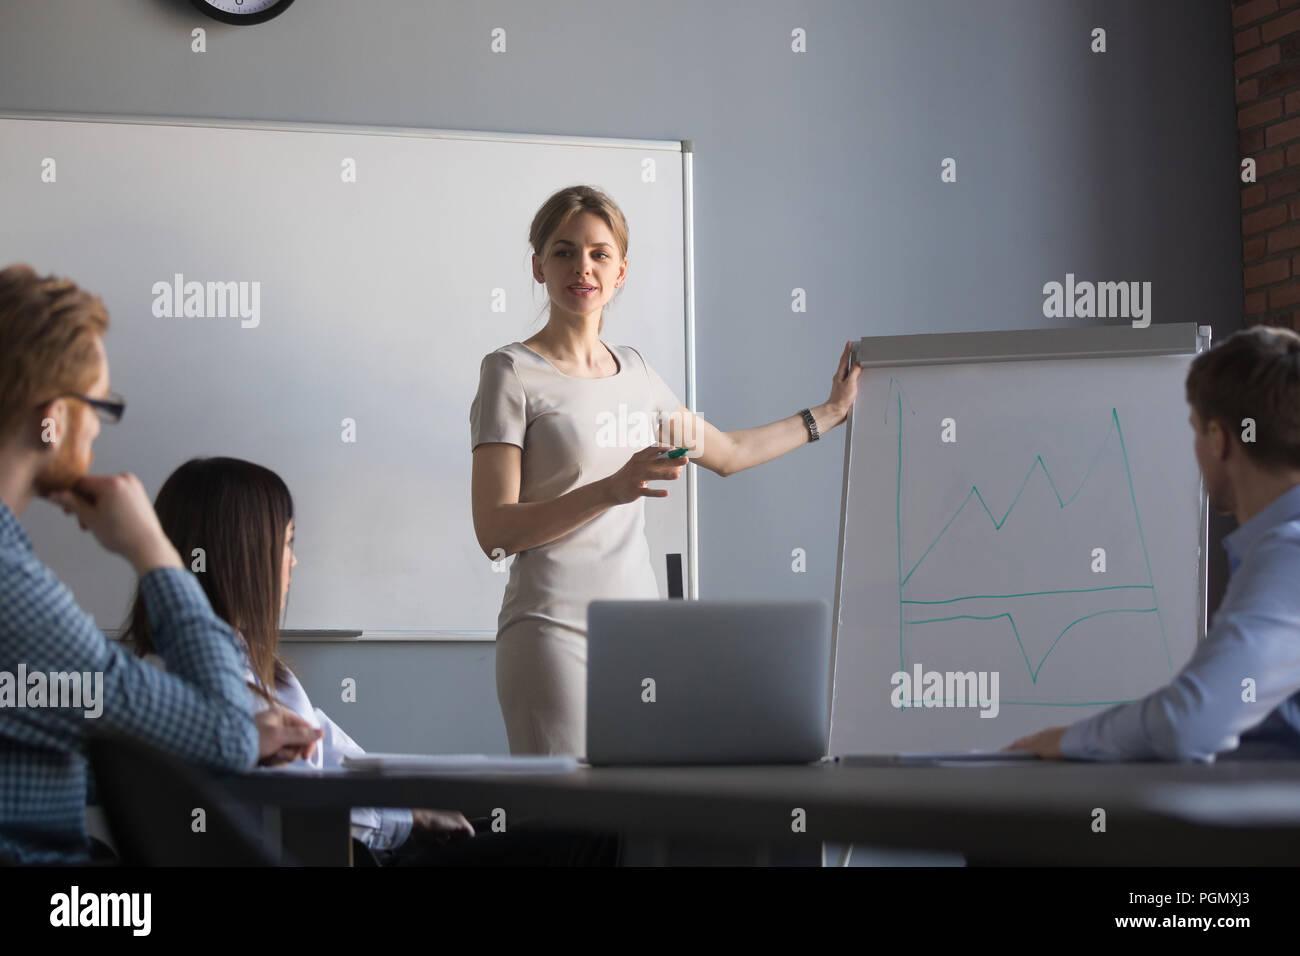 Confident female speaker presenting business plan on flipchart - Stock Image